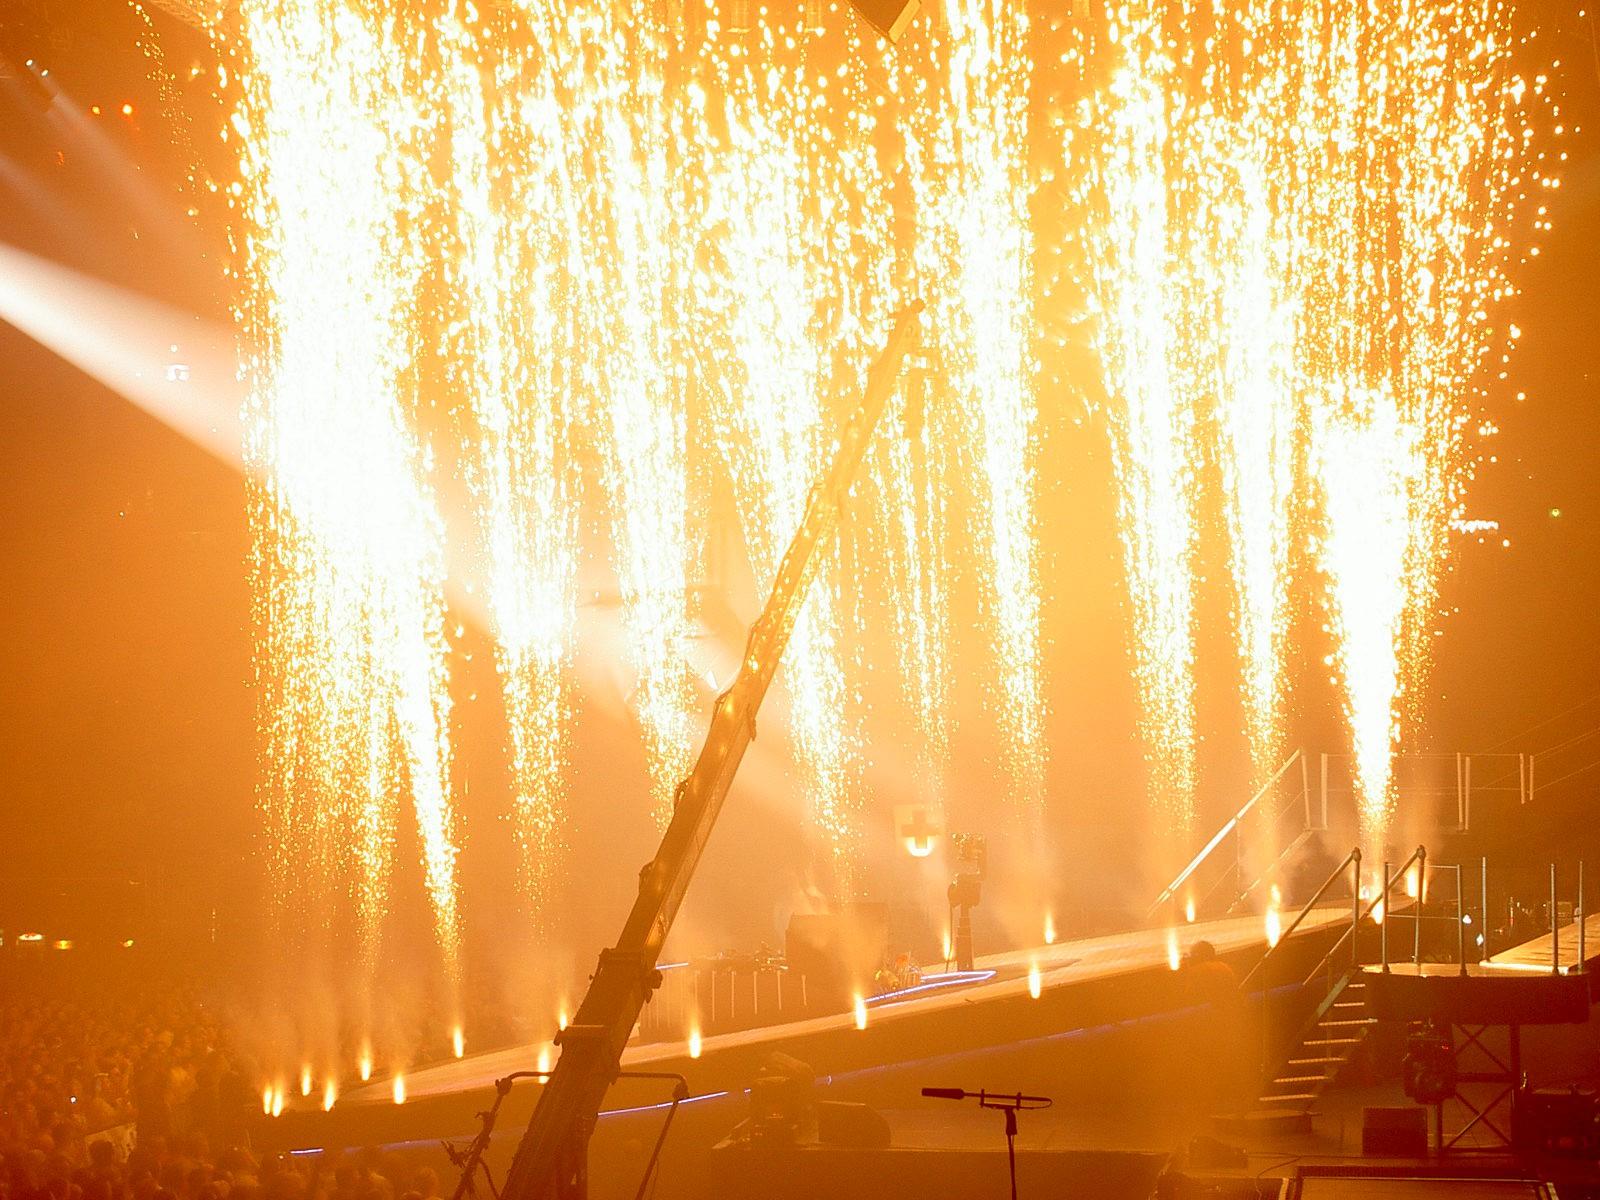 pyro-scene-pyrovision-feux-artifice-ca